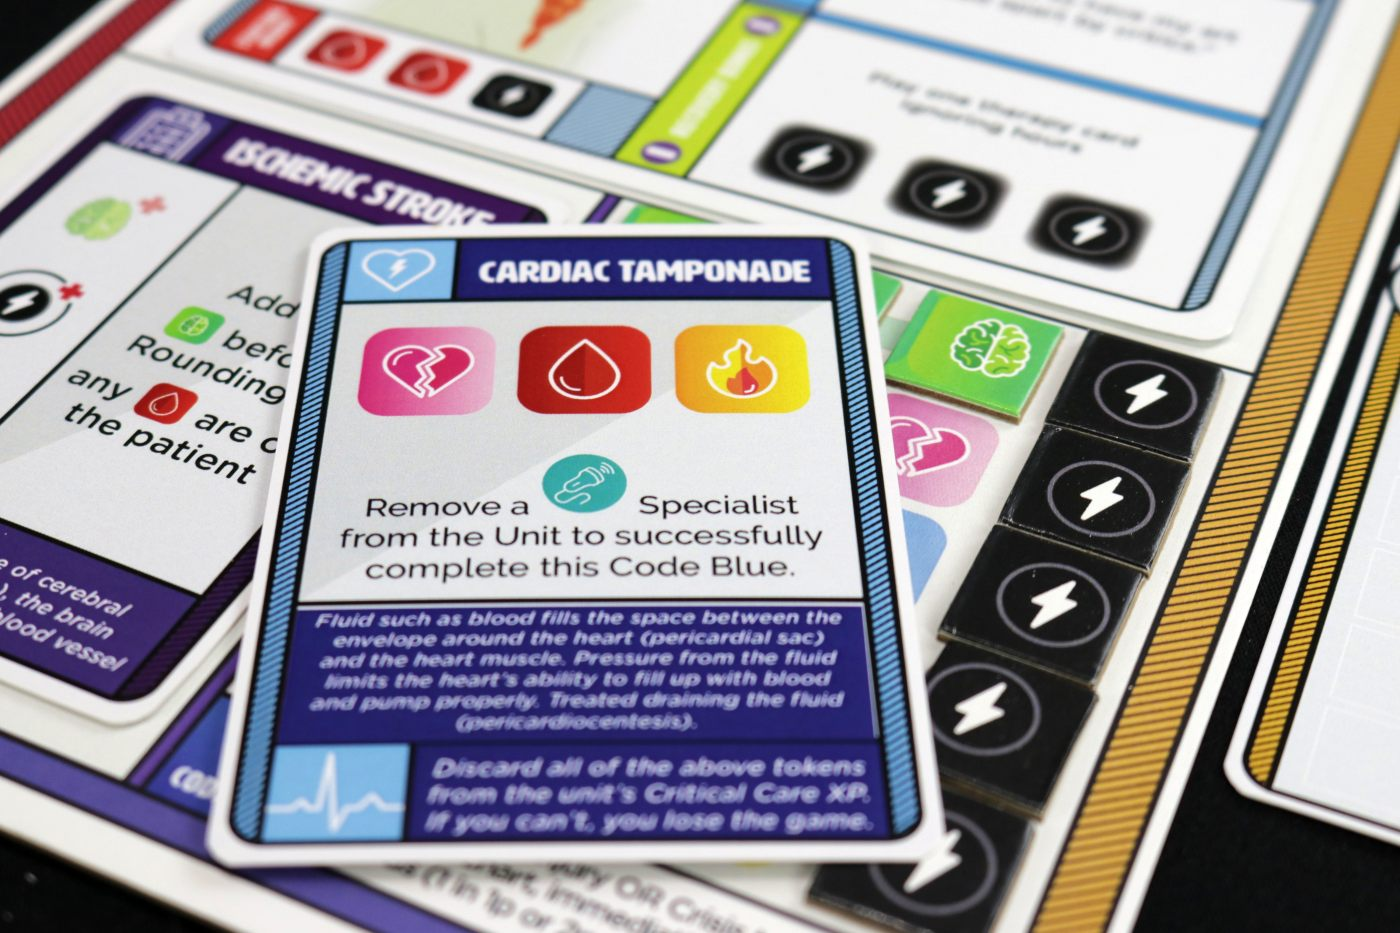 Critical Care code blue